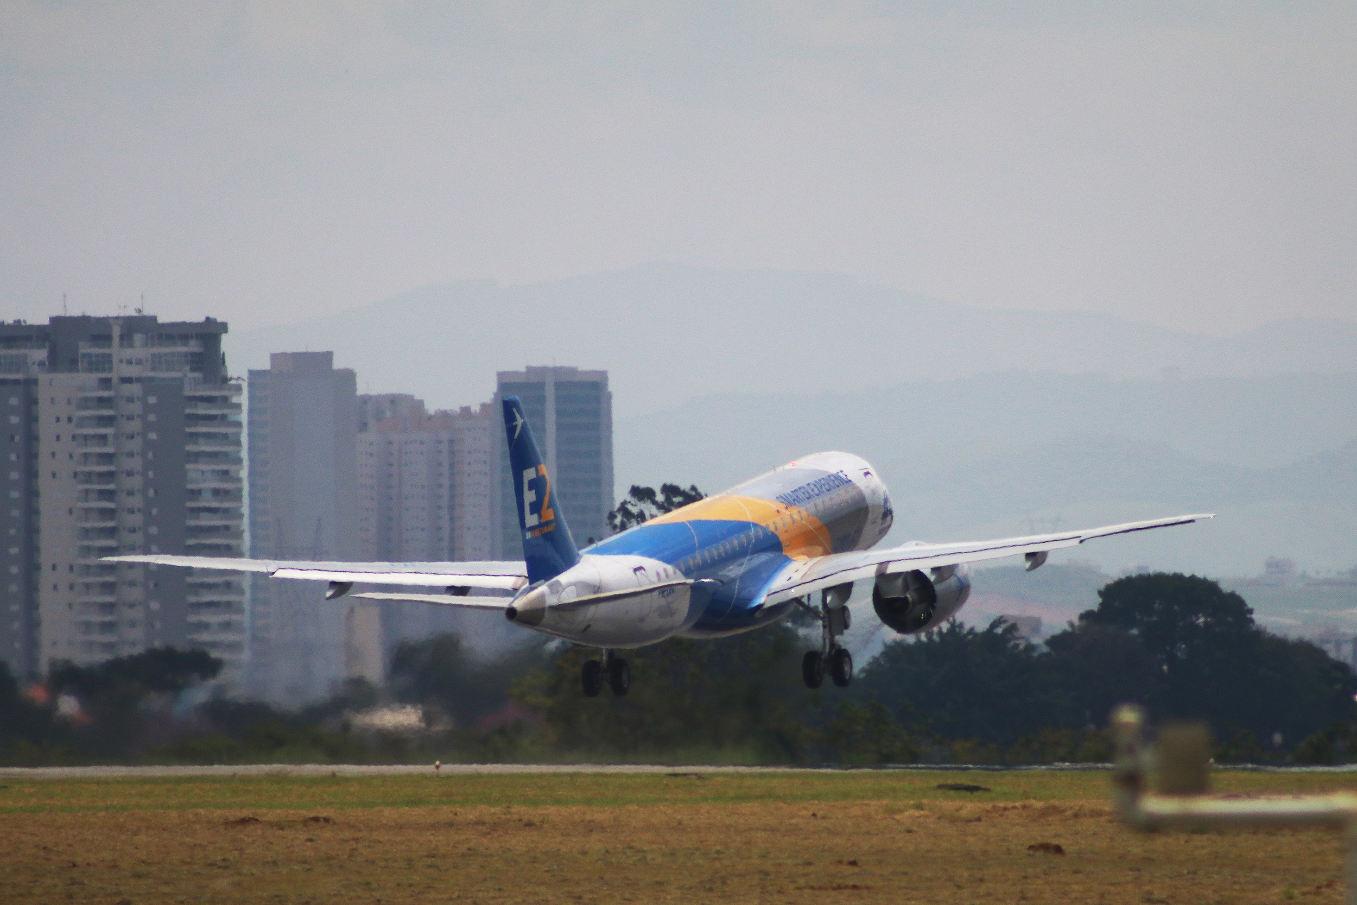 Embraer confirme sa recherche d'un partenaire stratégique